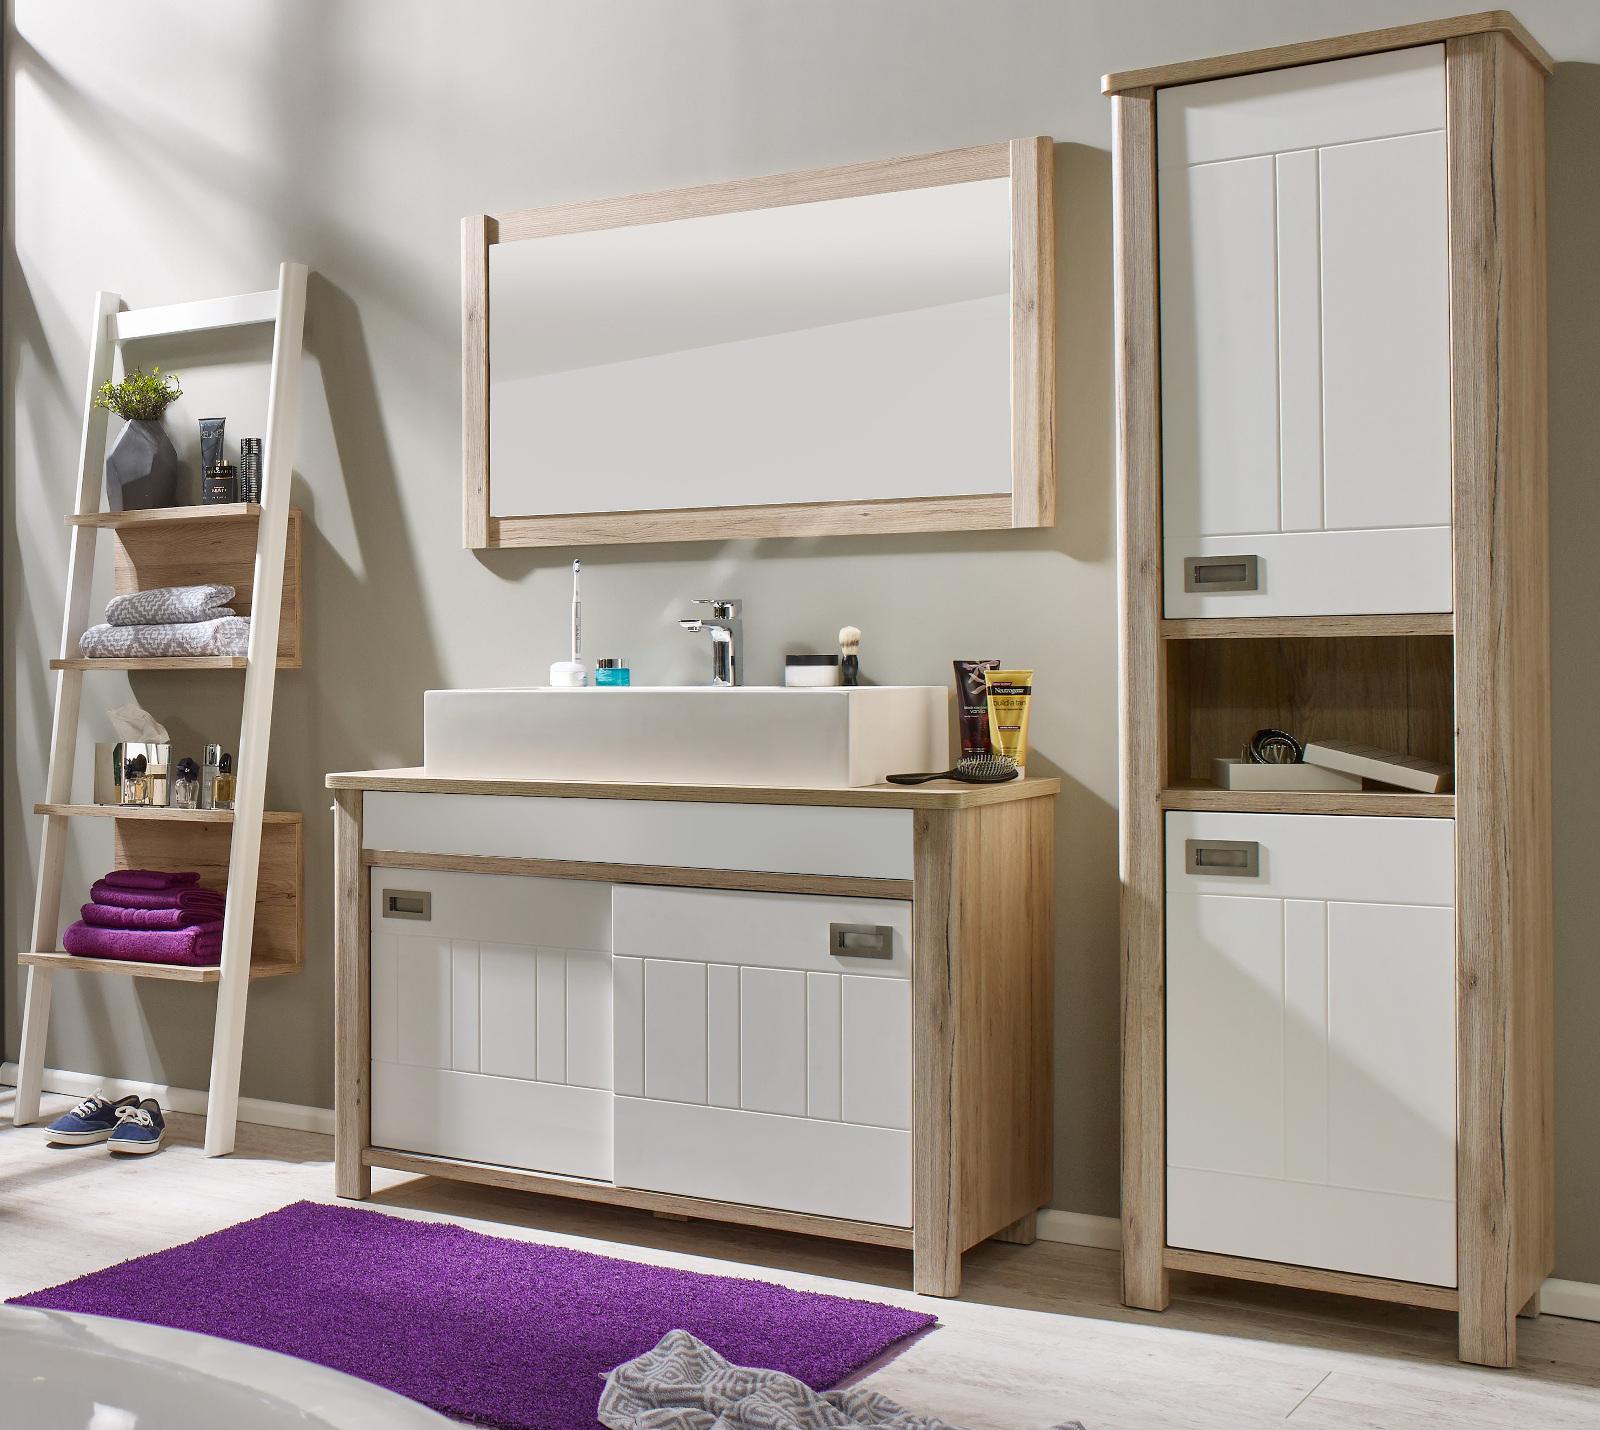 waschtisch seven braun und wei inkl waschbecken. Black Bedroom Furniture Sets. Home Design Ideas